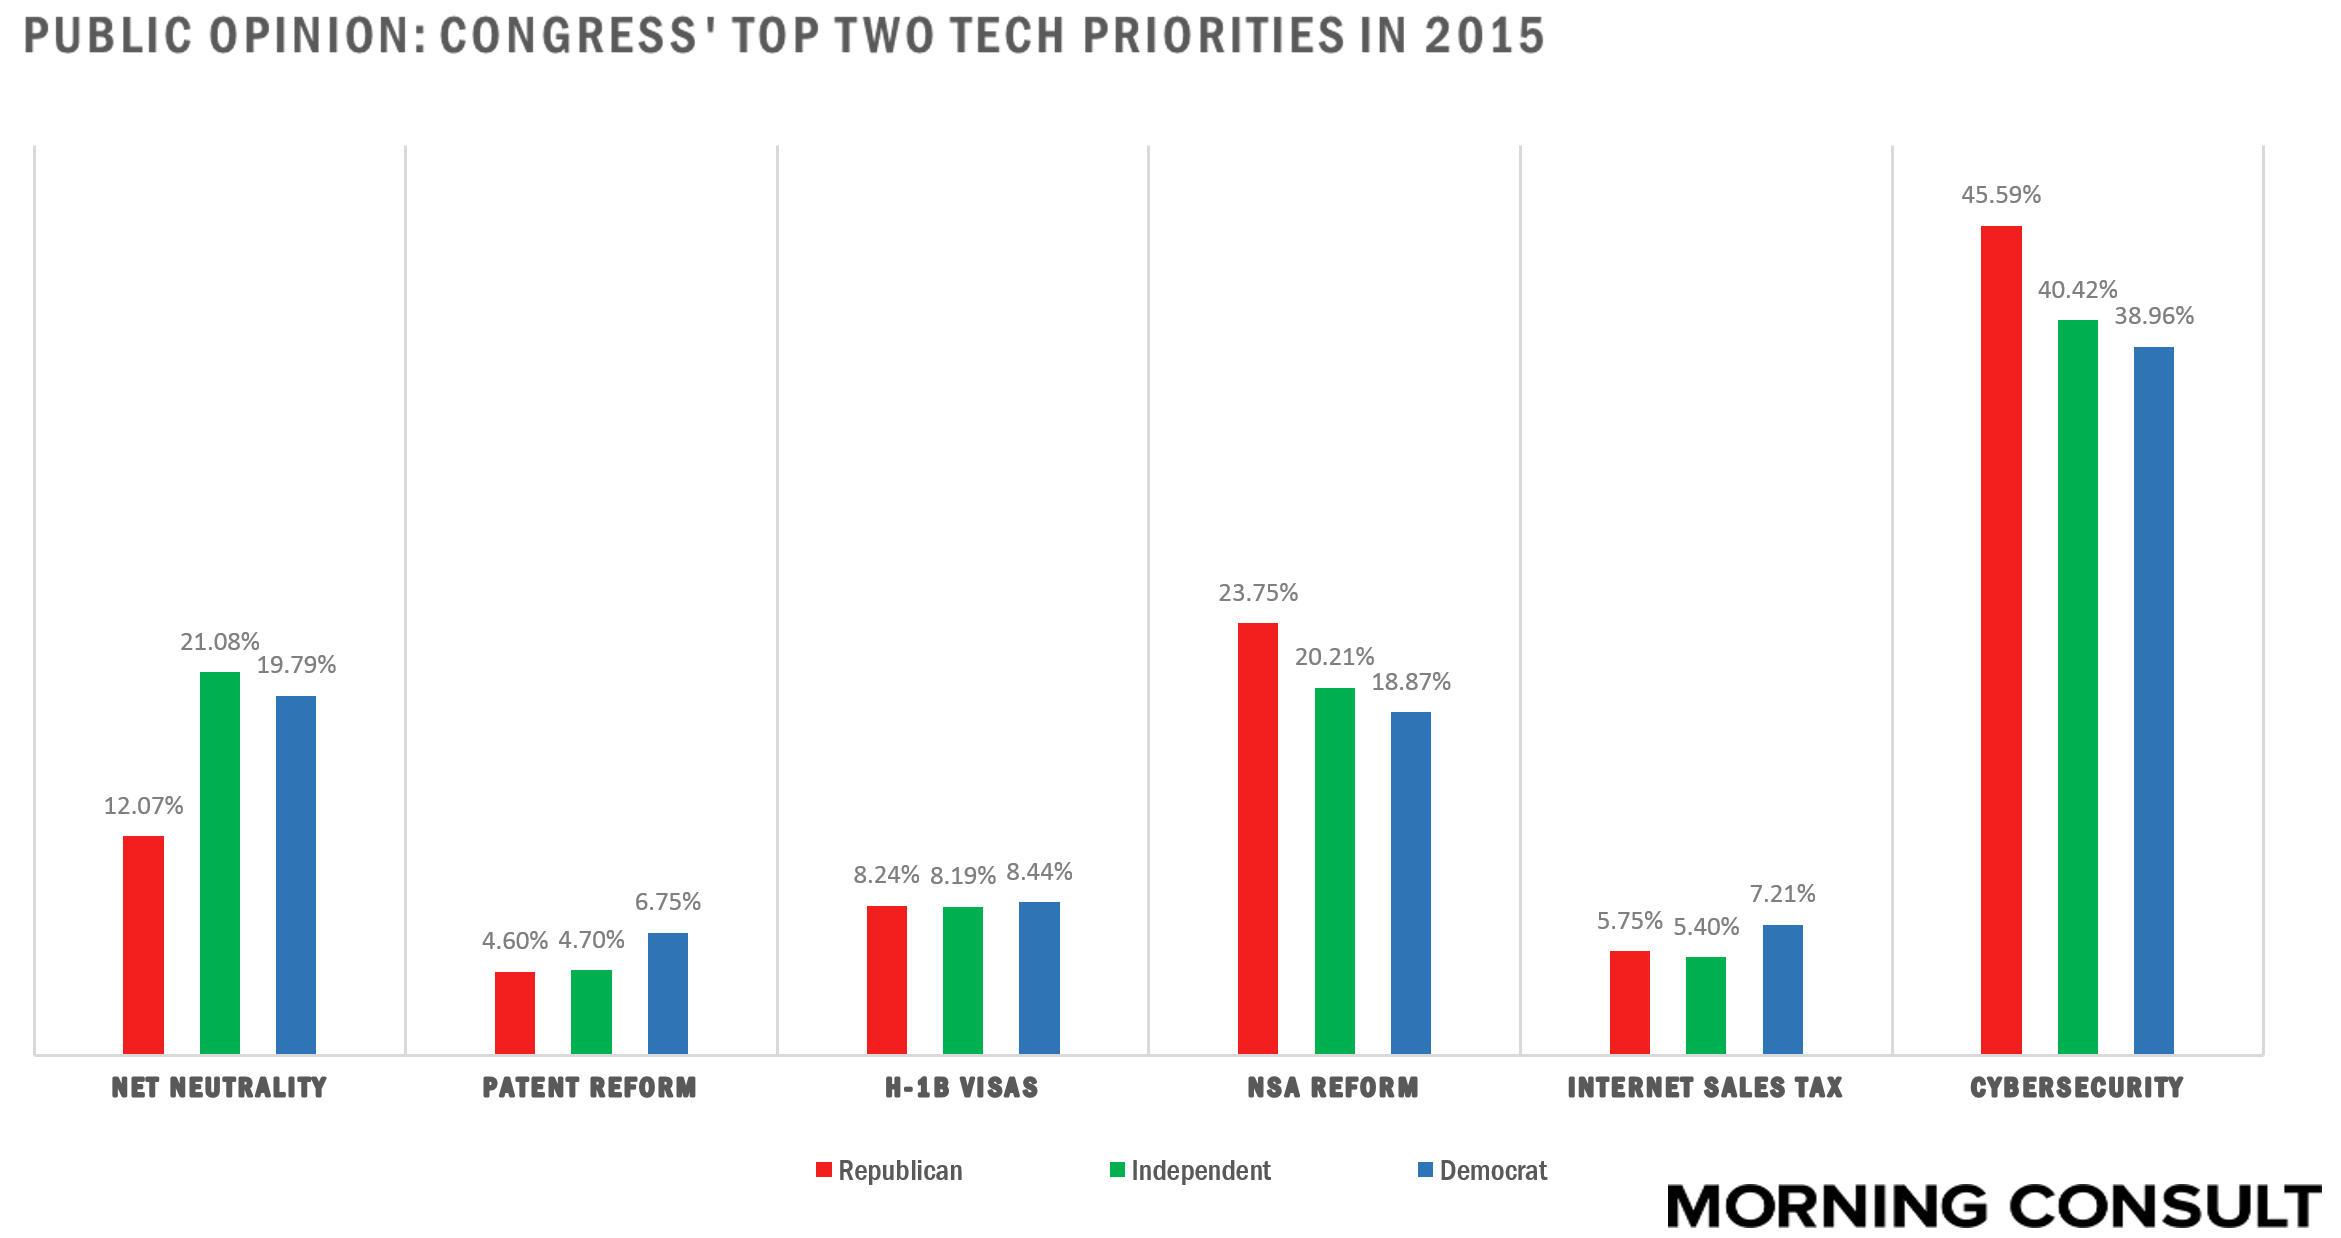 Priorities Graph